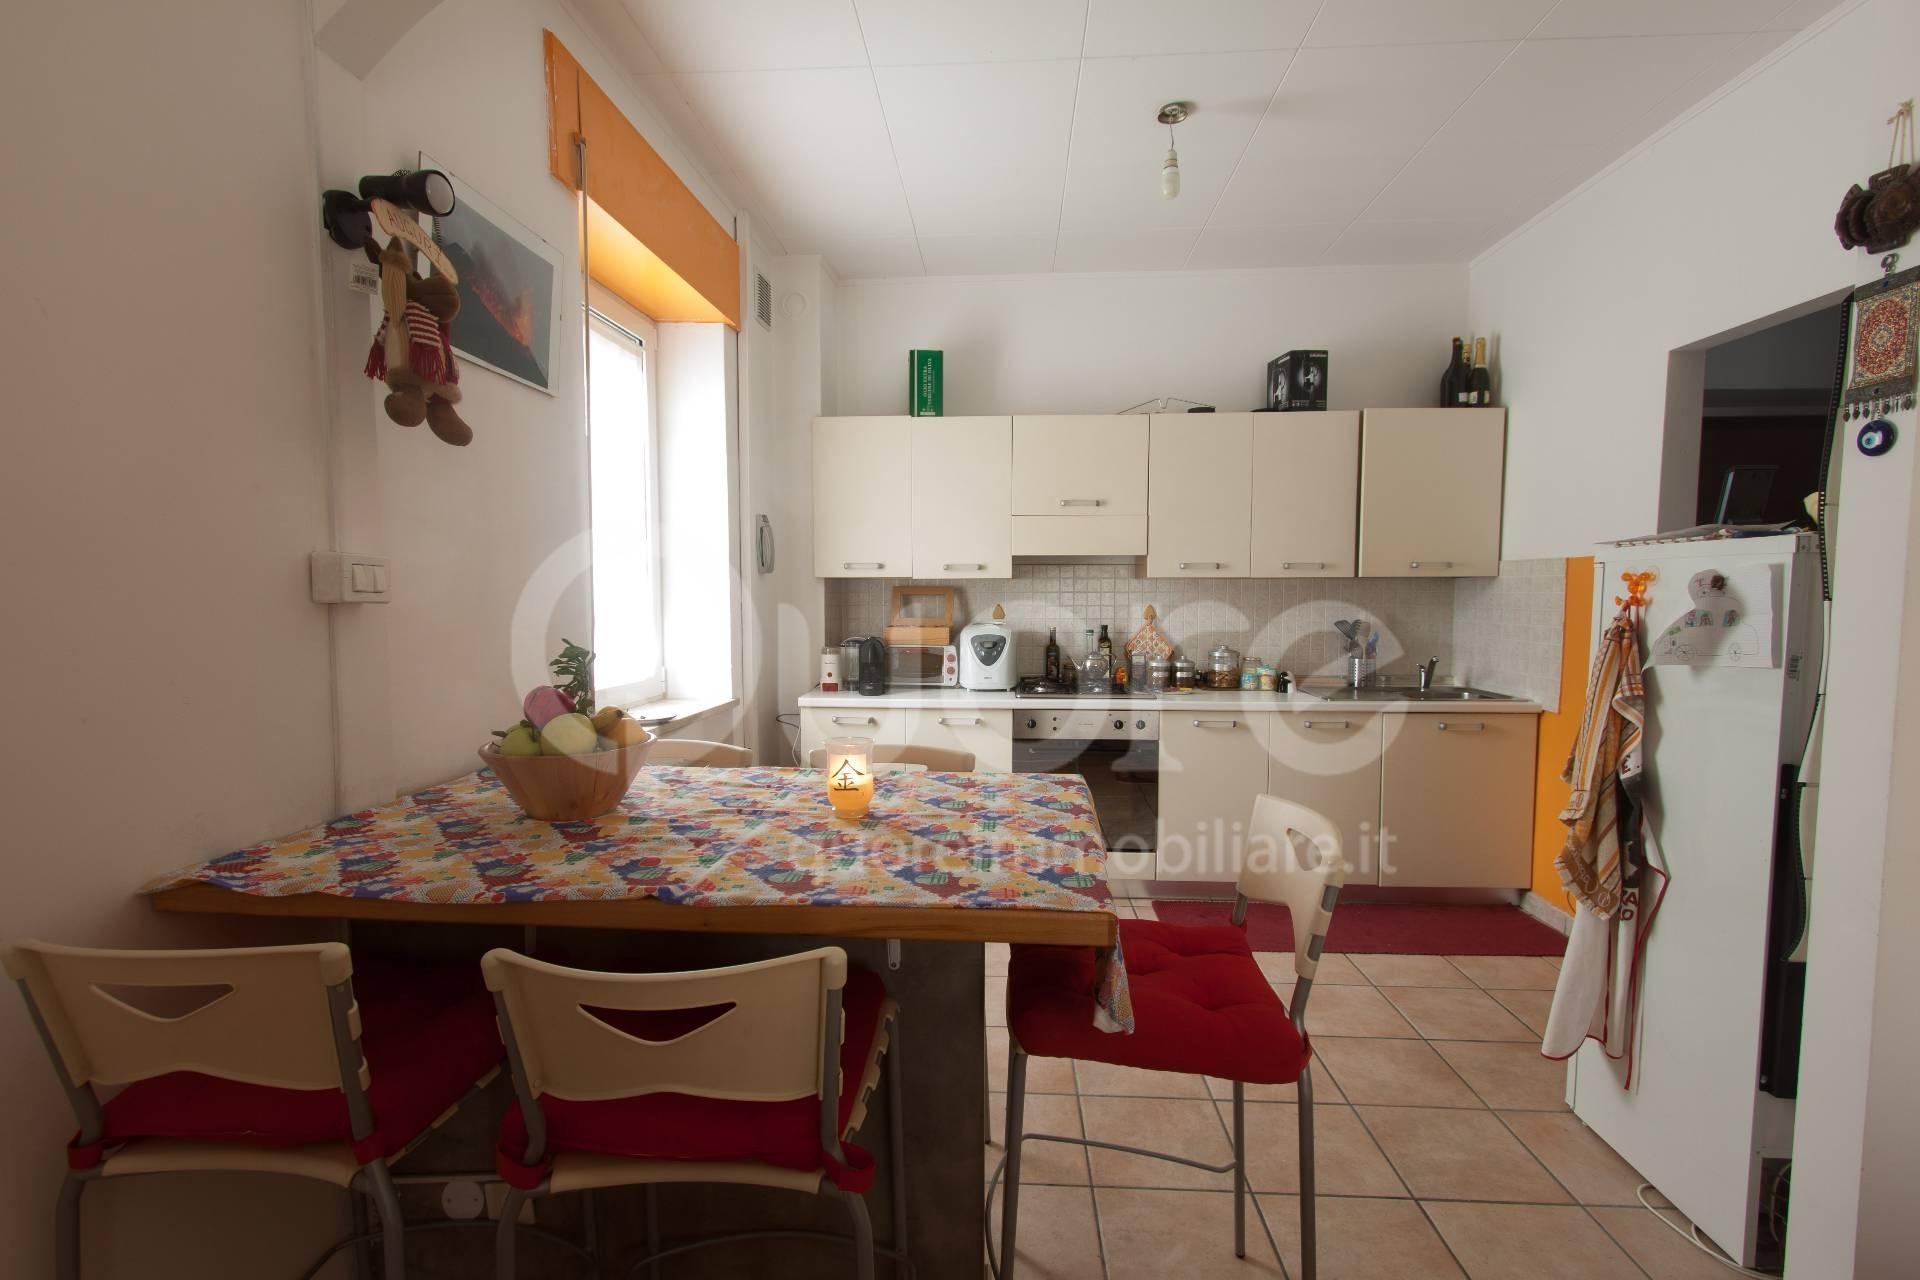 Appartamento in vendita a Martignacco, 2 locali, prezzo € 55.000   CambioCasa.it